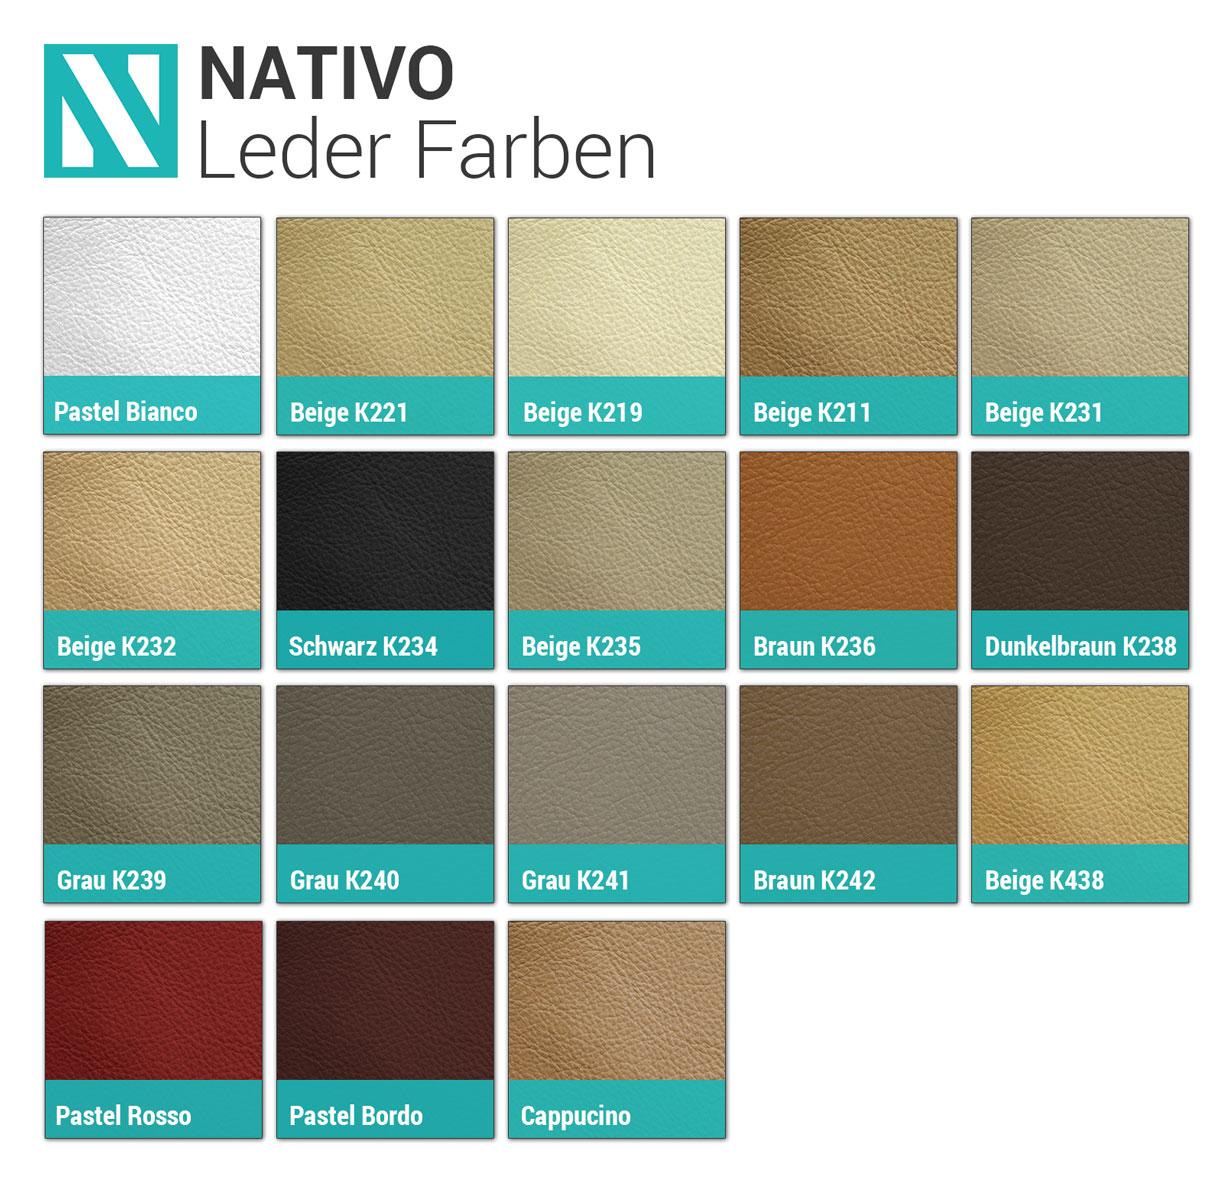 NATIVO™ paleta kožni dizajnerski nameštaj Beograd Srbija